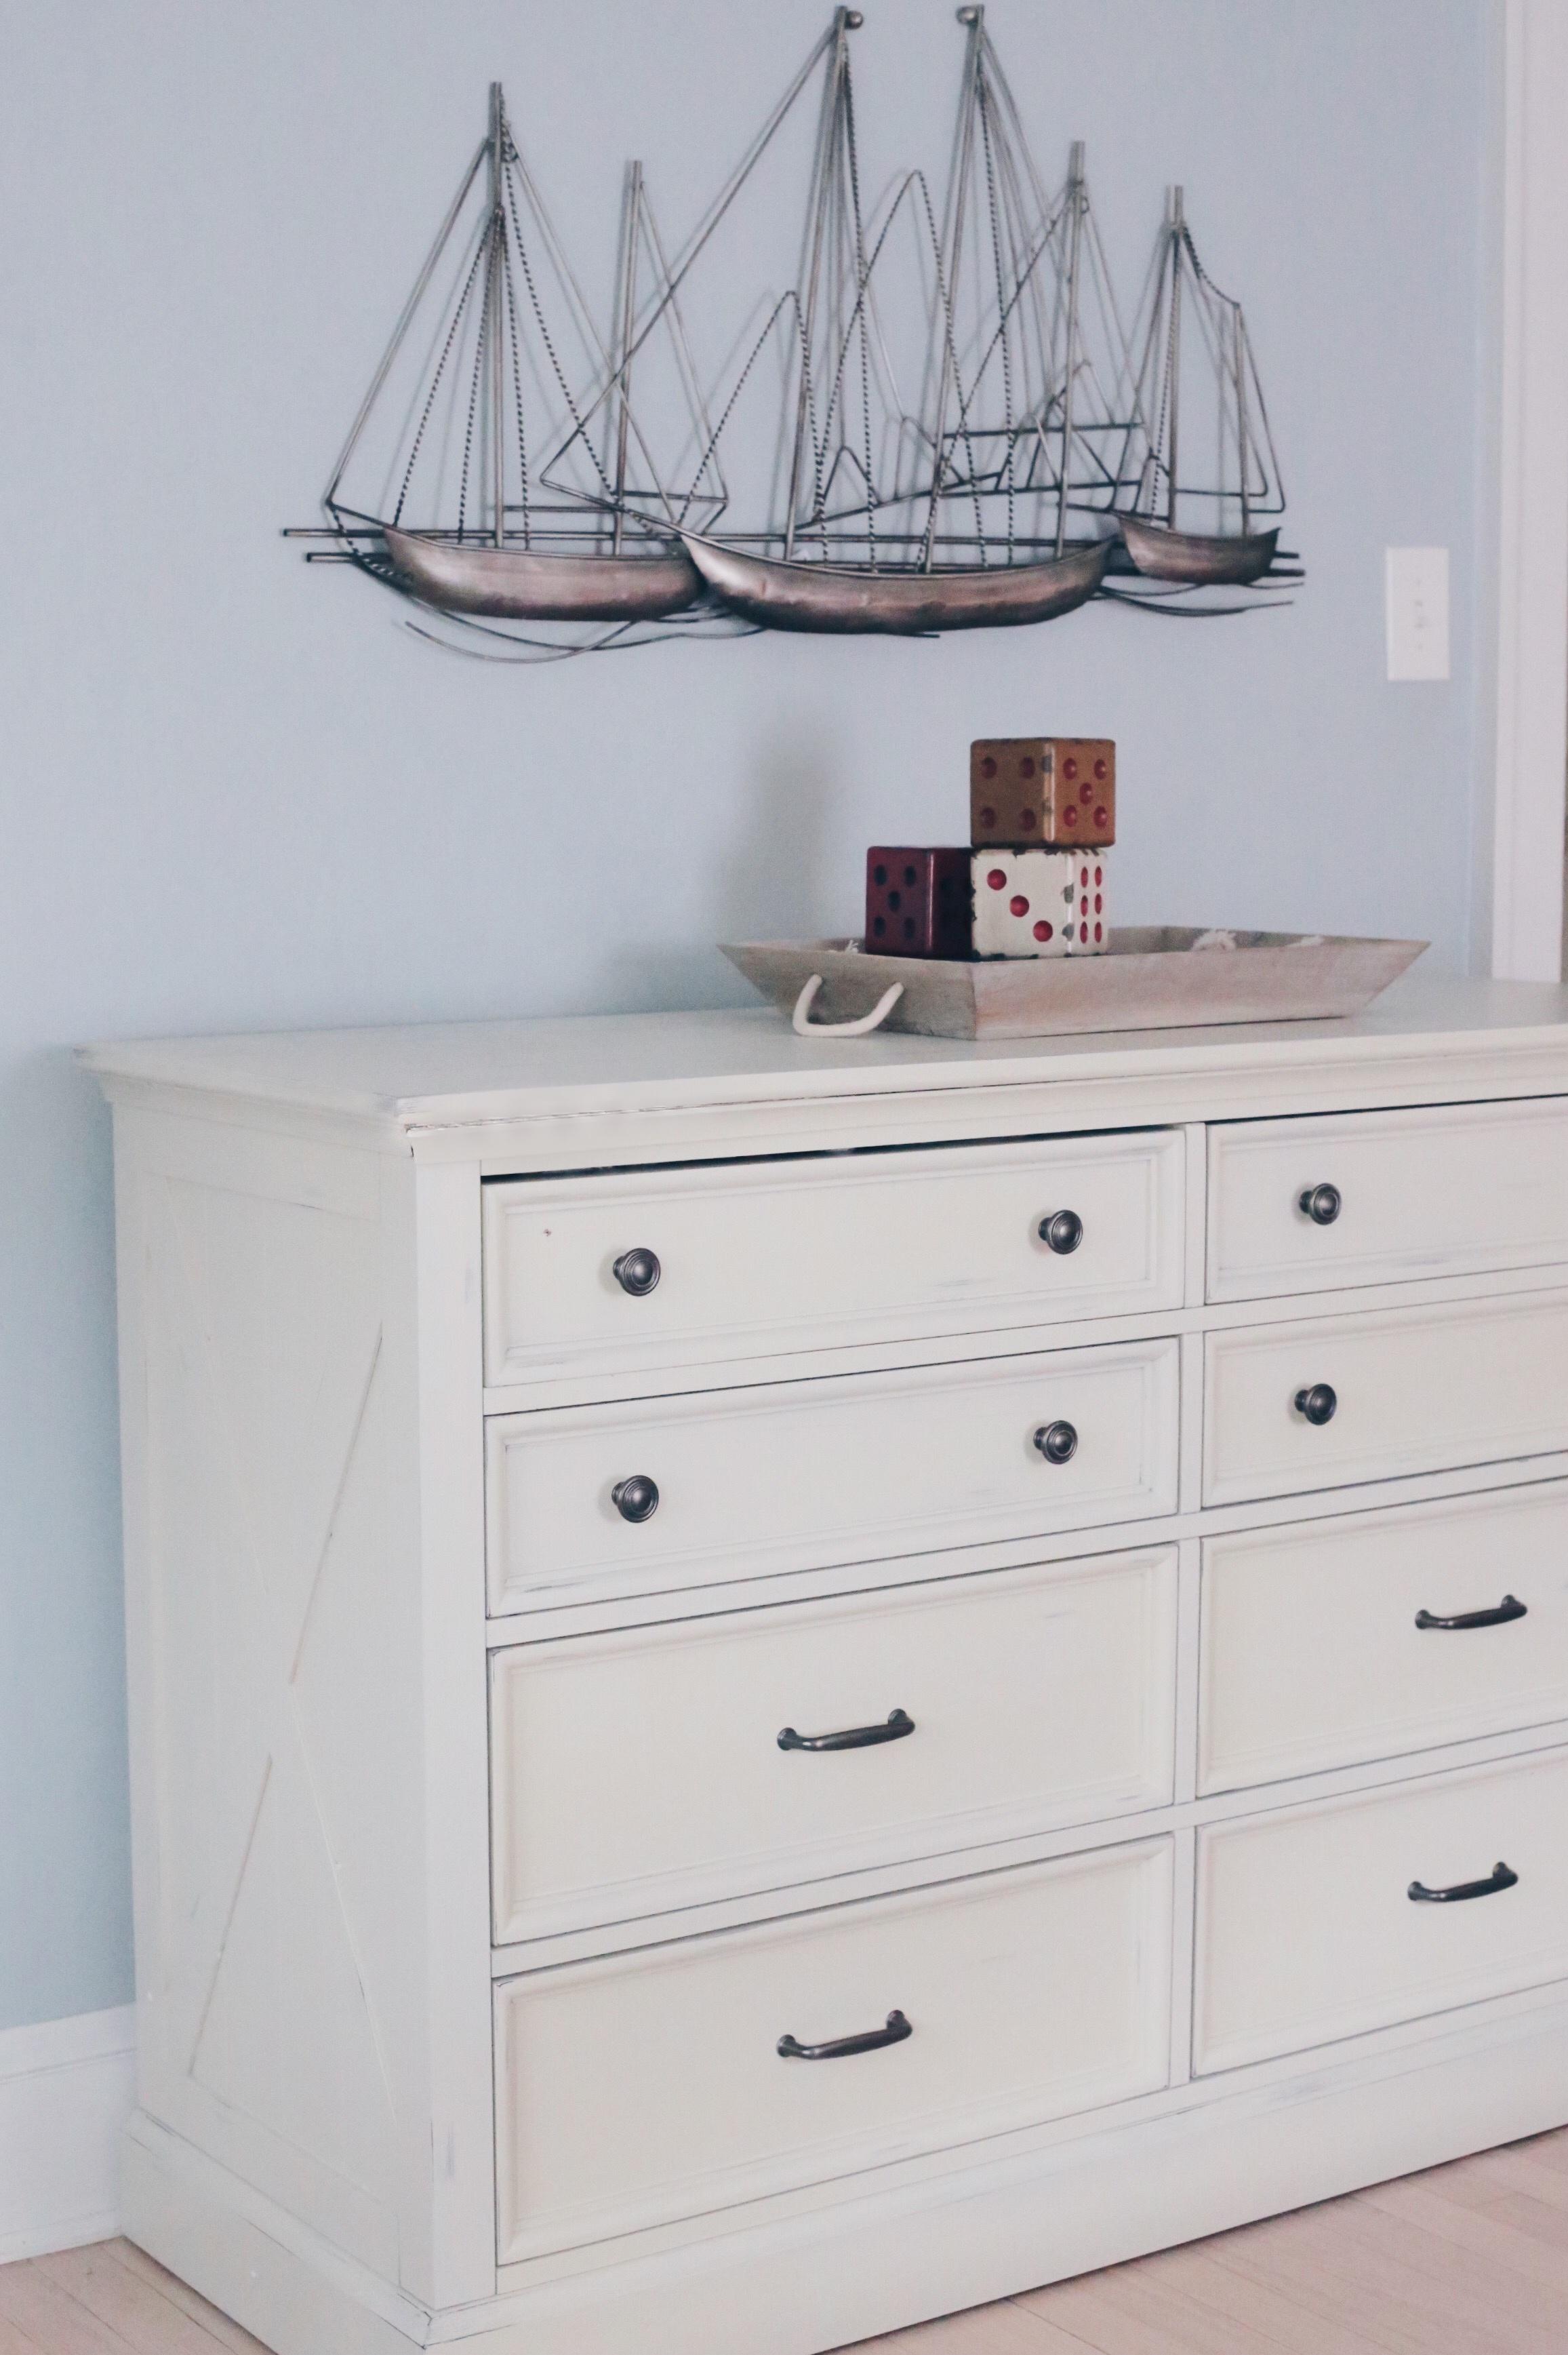 boys bedroom ideas - white dresser on pinteresting plans blog